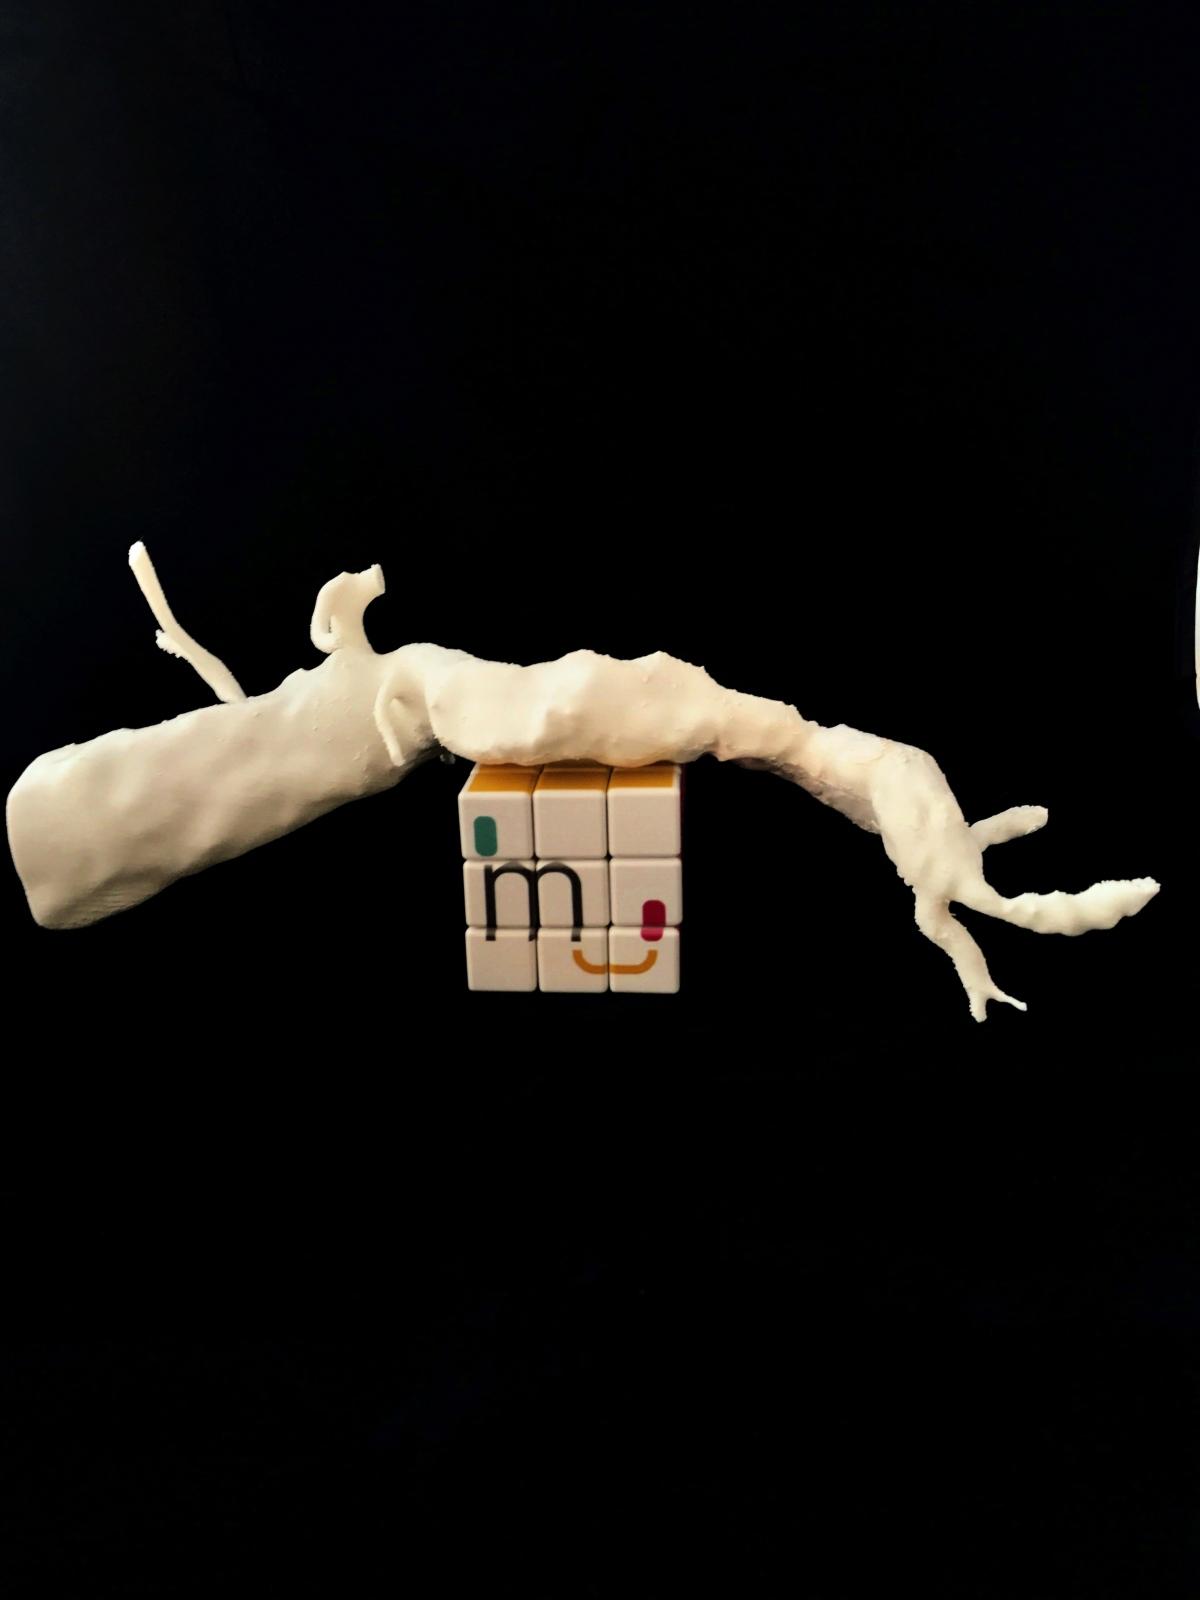 Aneurisma de AortaAbdominal